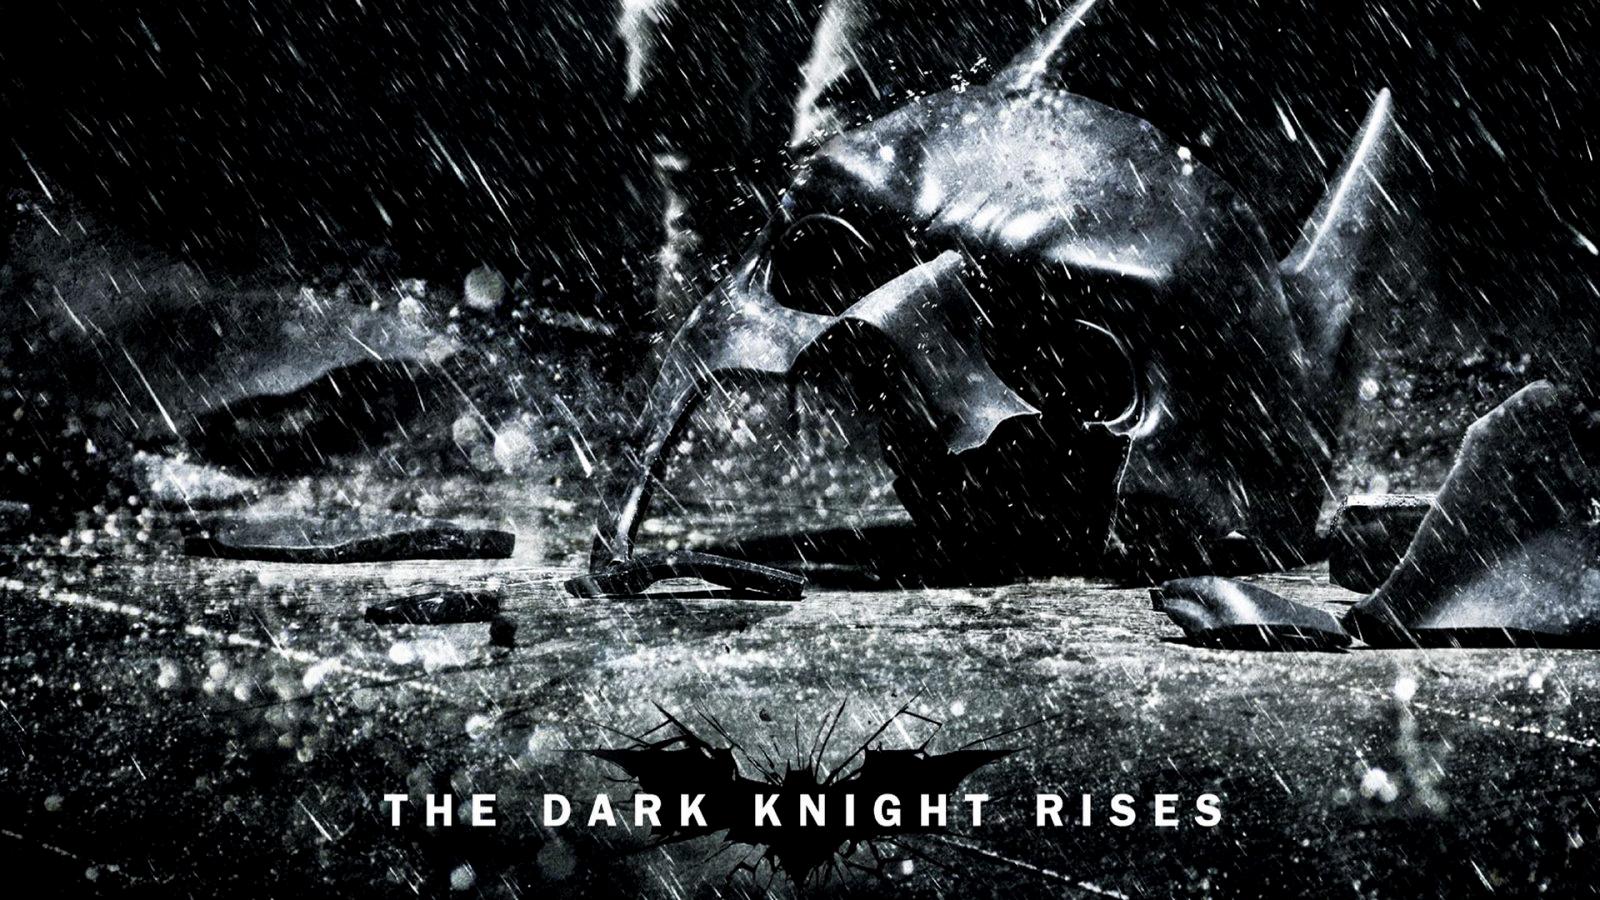 Batman The Dark Knight Rises 2012 - 957.0KB